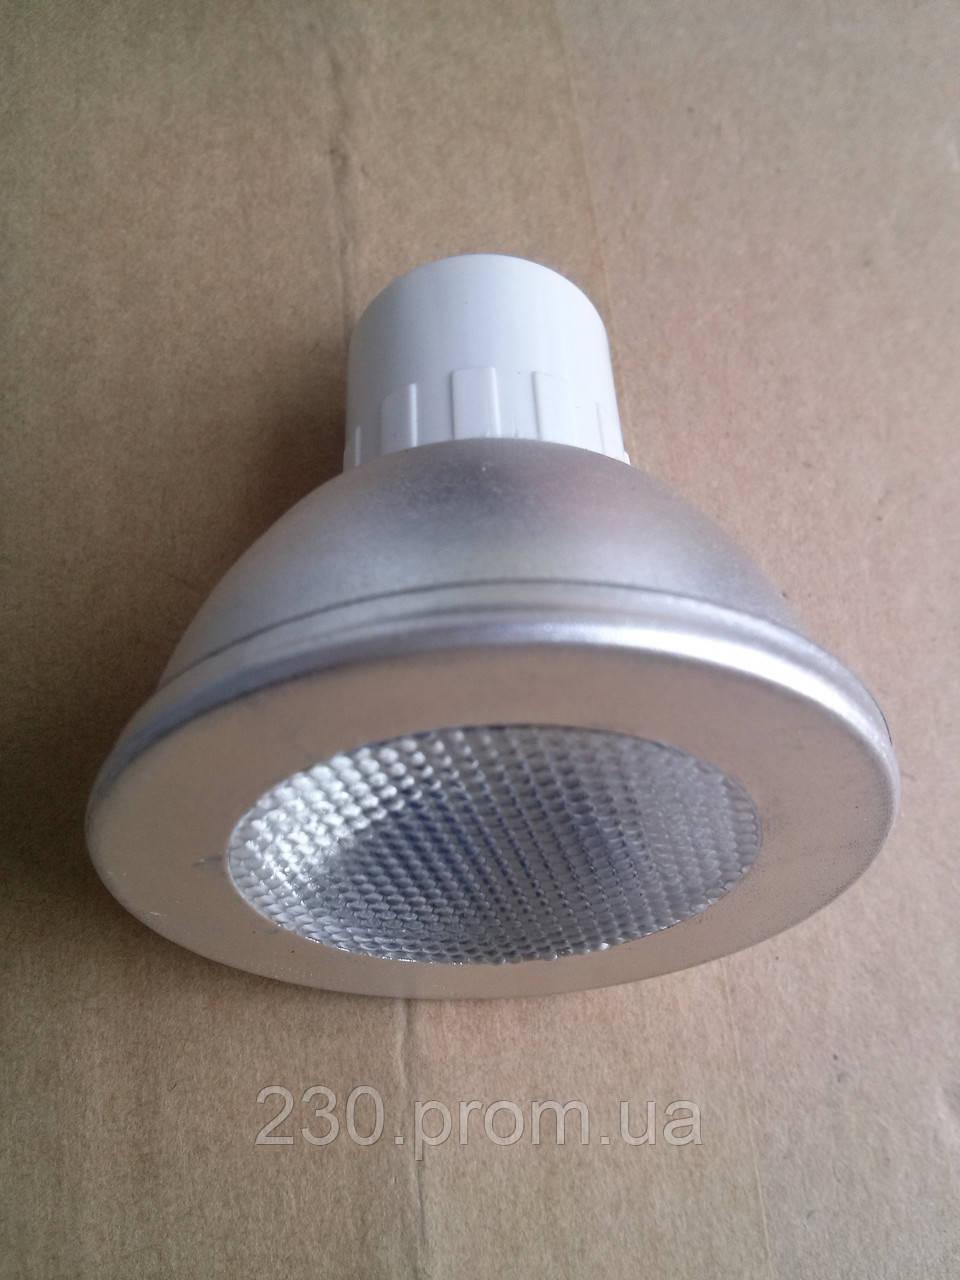 Лед лампа GU10 1W 6500K premium SPARK